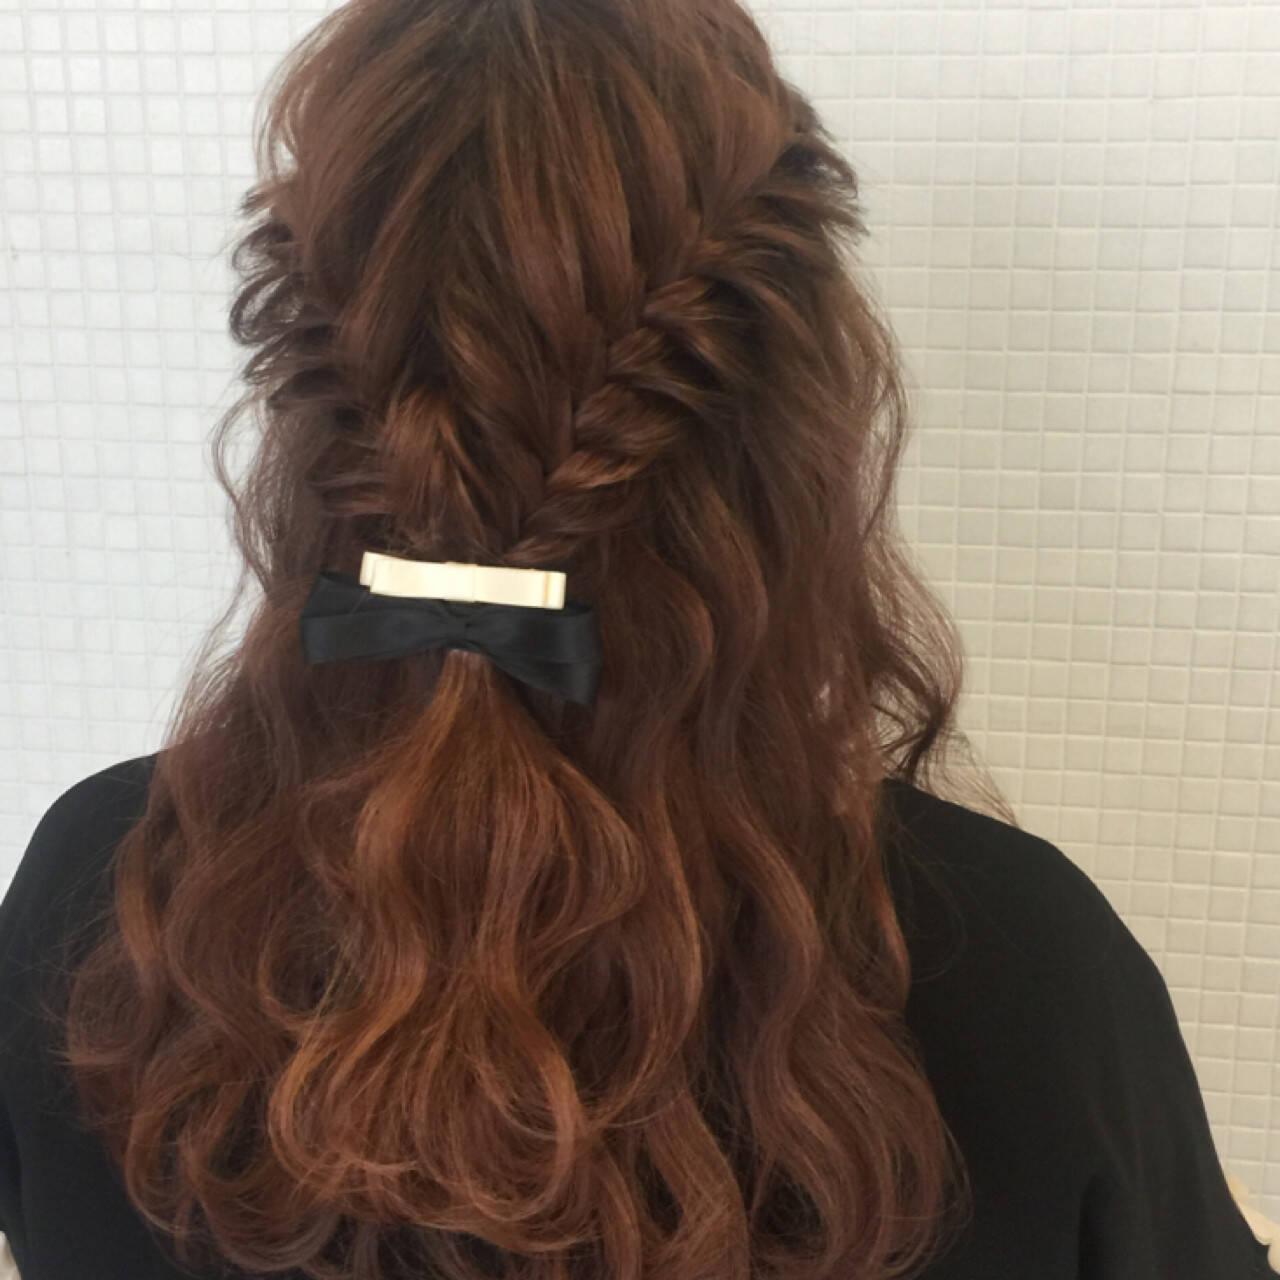 ヘアアレンジ フェミニン フィッシュボーン 簡単ヘアアレンジヘアスタイルや髪型の写真・画像